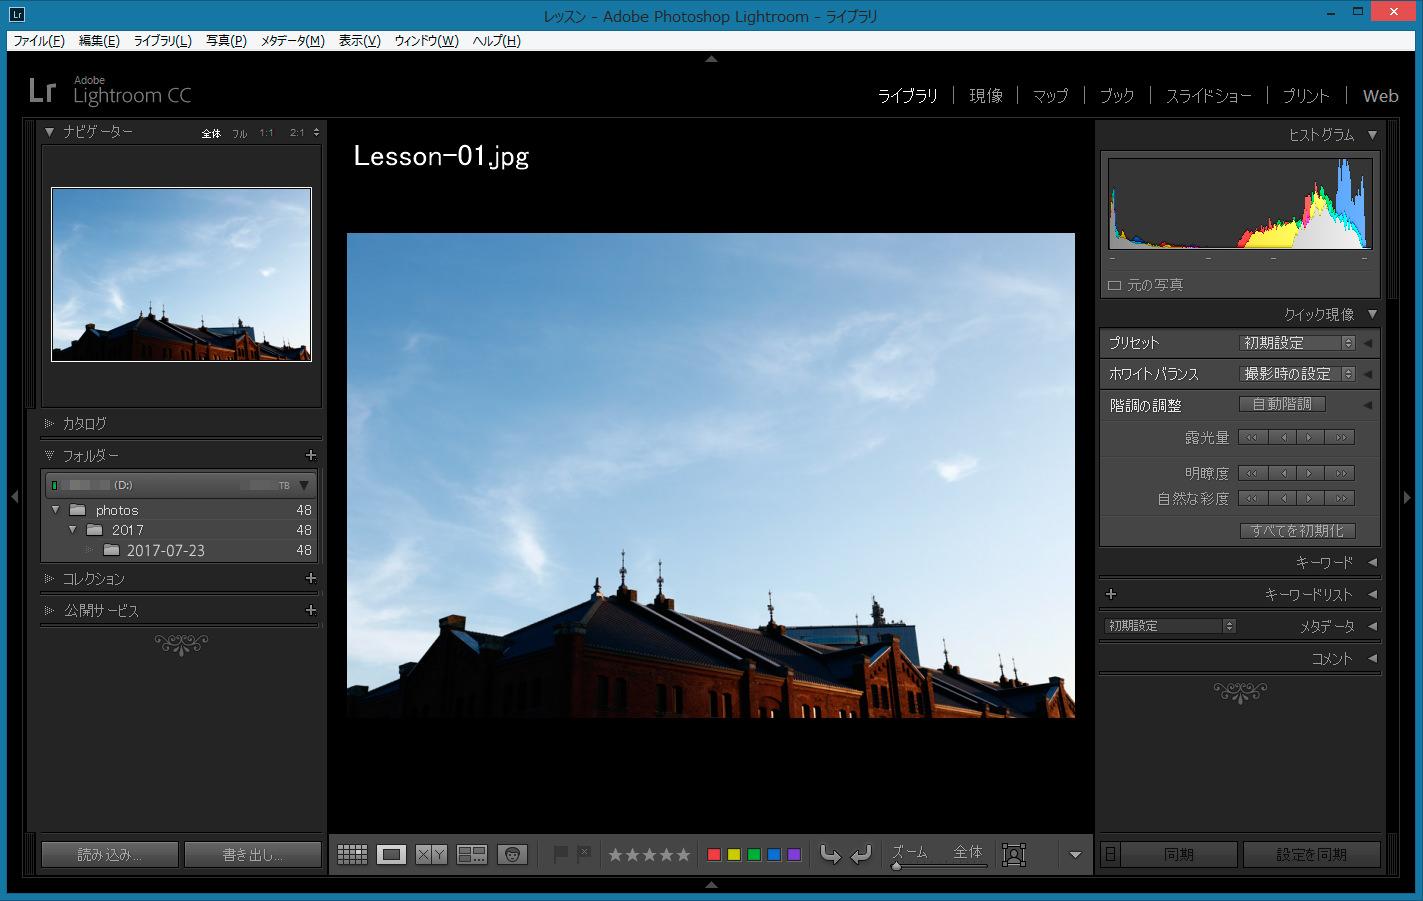 ルーペ表示-レッスン-01-JPEG